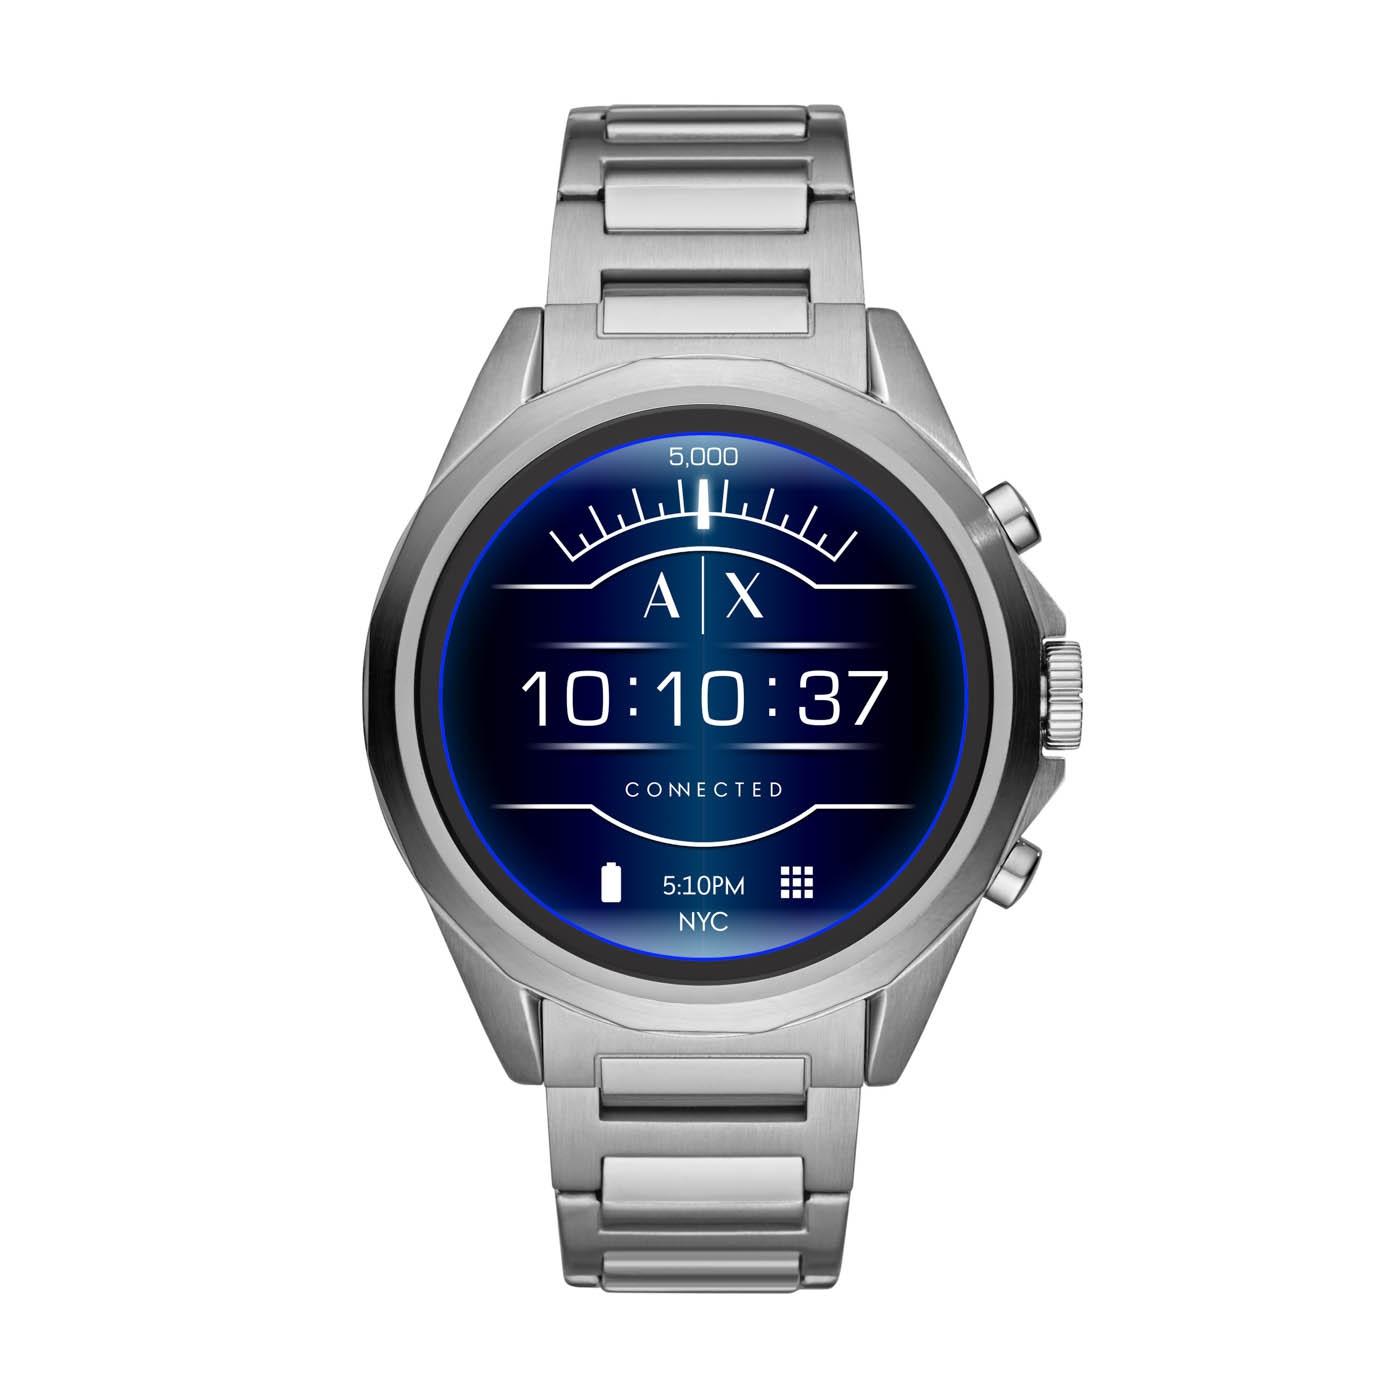 Afbeelding van Armani Exchange Connected Drexler Gen 4 Display Smartwatch AXT2000